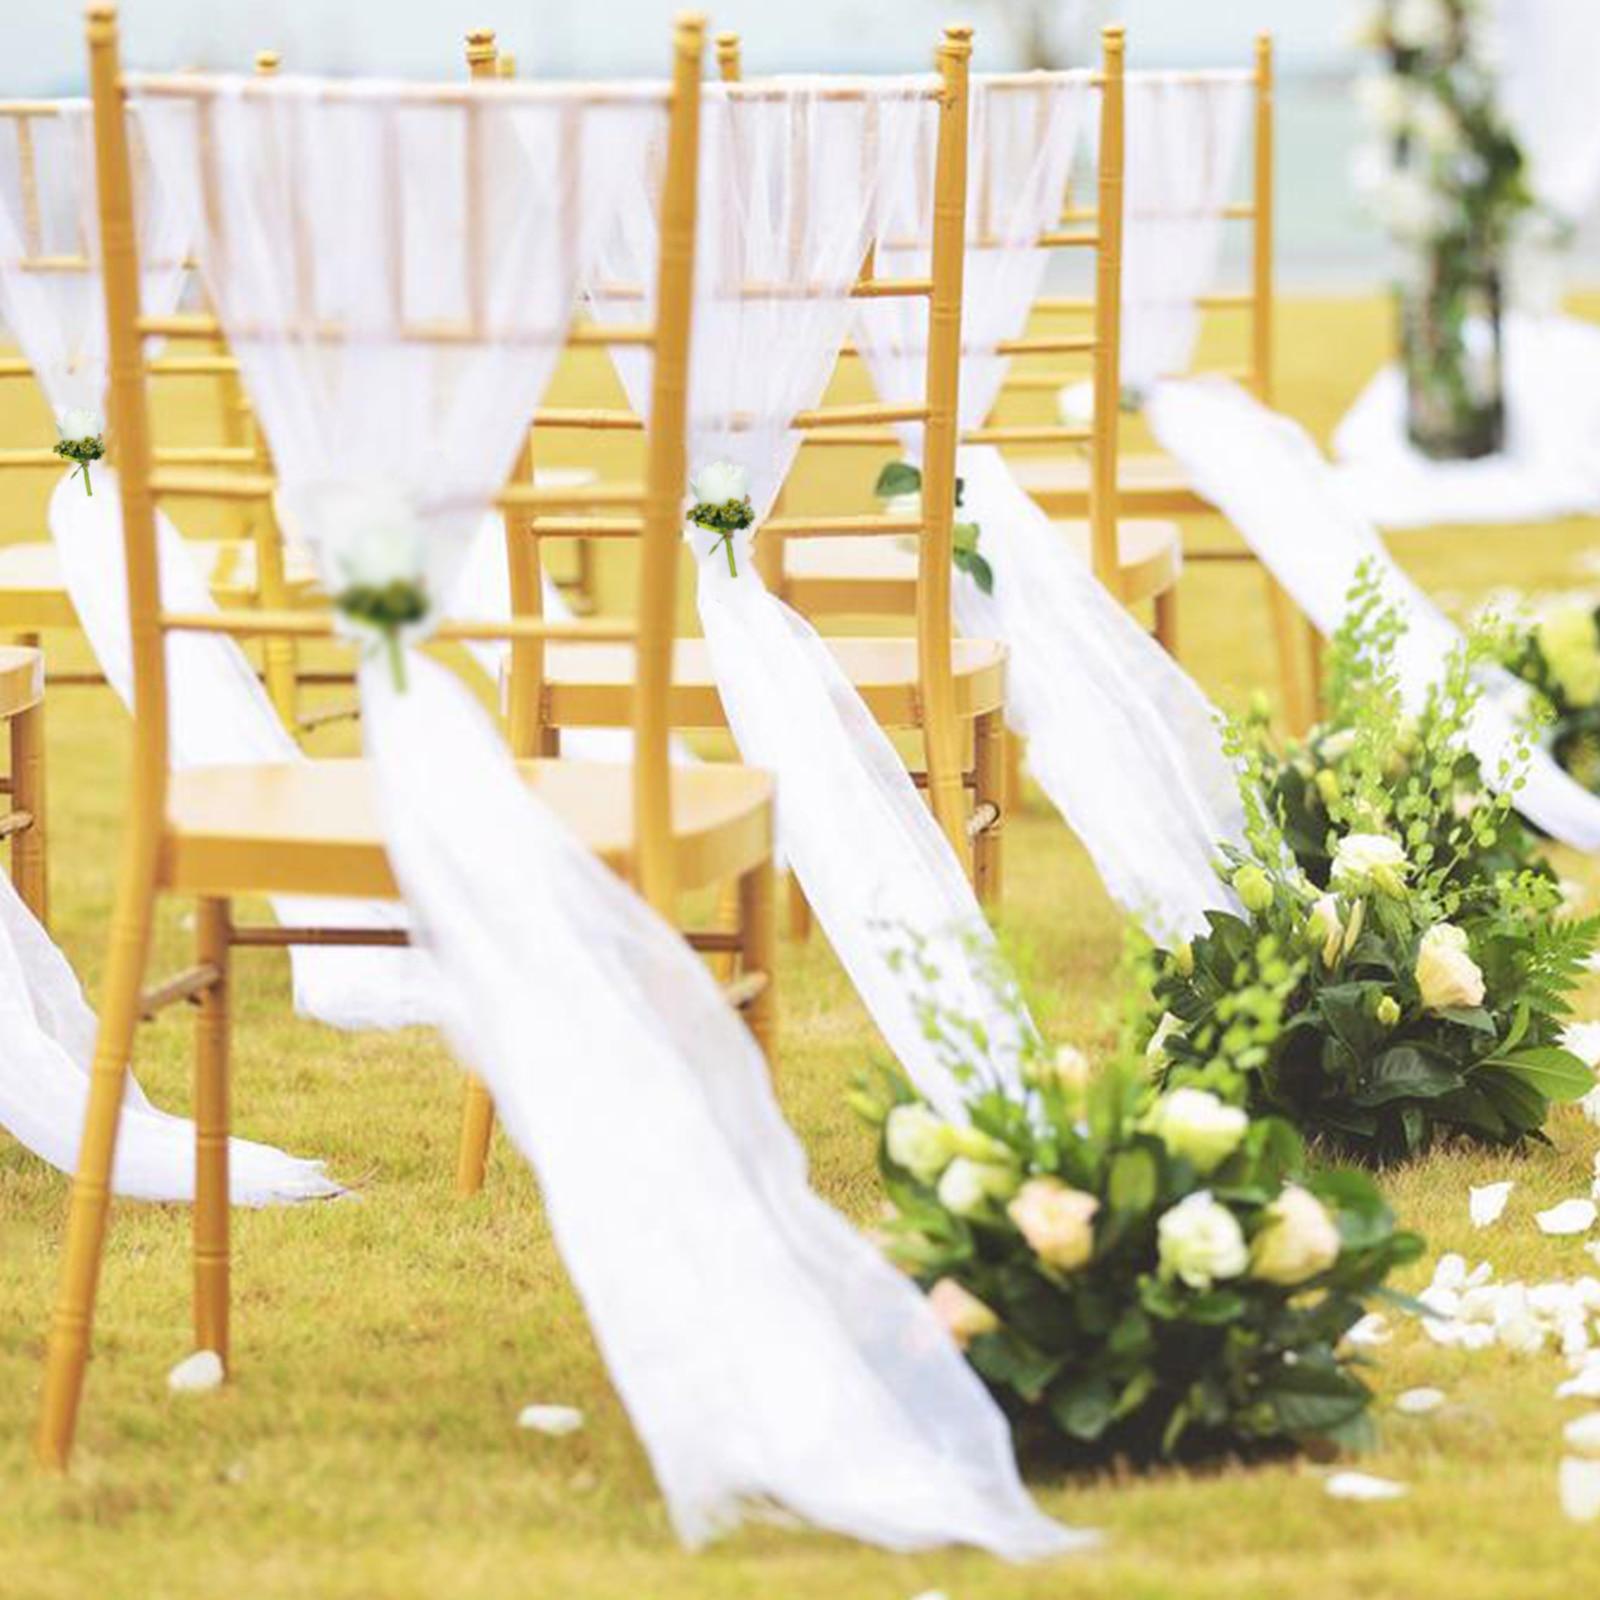 Spiaggia tema di nozze 30 pz bianco della Sedia del Organza Fiocchi e Fasce con il bianco Champagne fiore di rosa per la Cerimonia Nuziale Del Partito Banchetto della Sedia Decorazione - 2